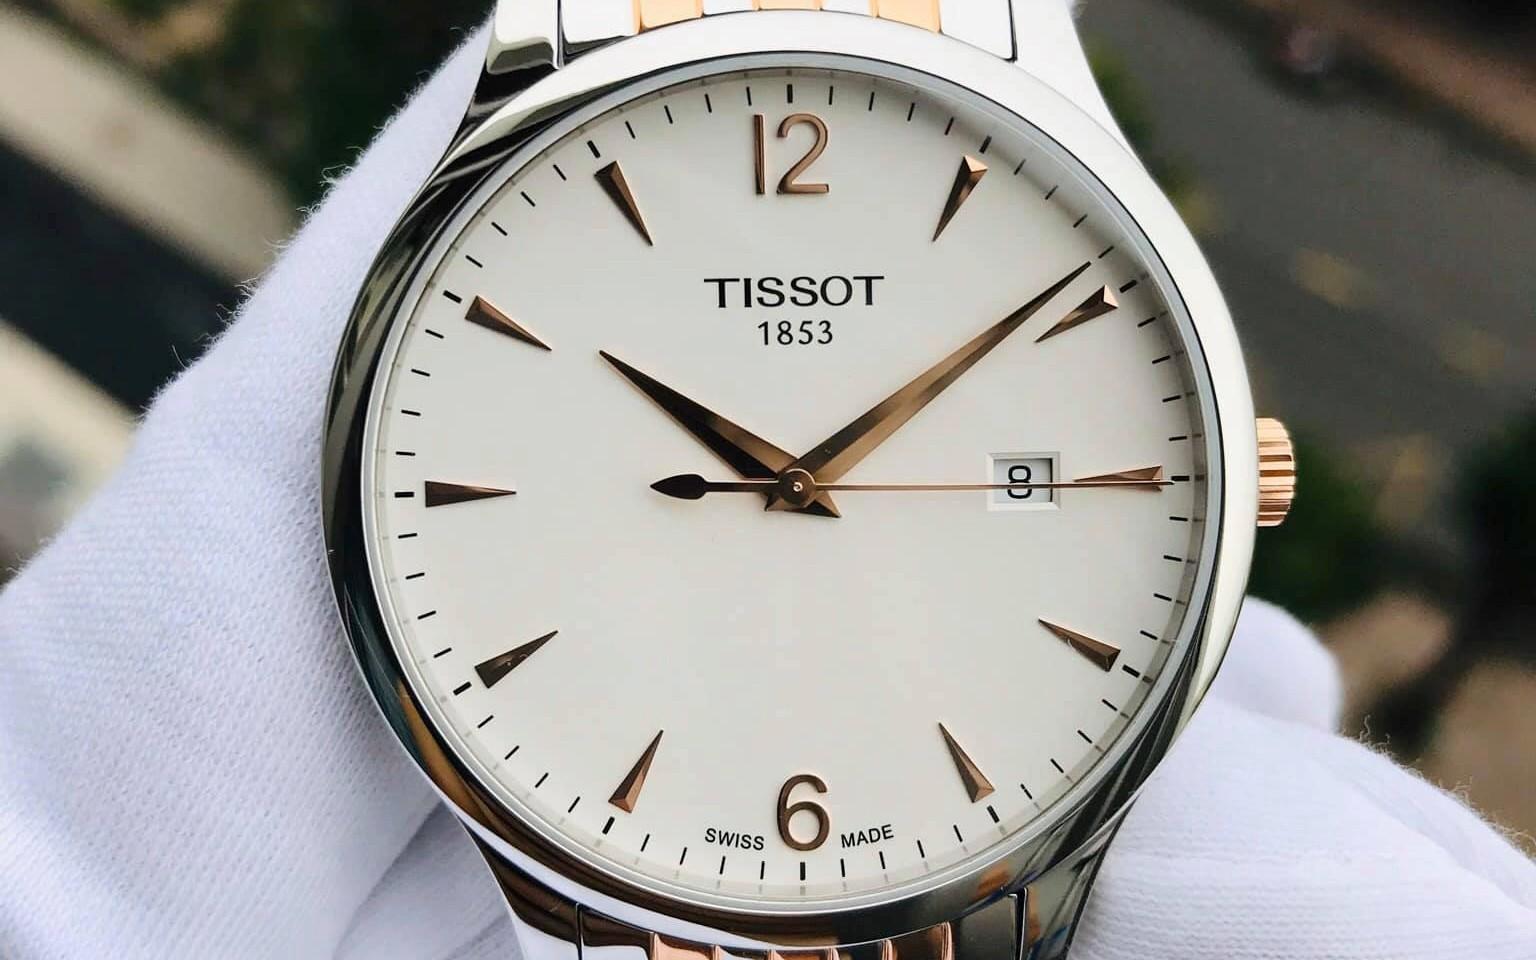 Đồng hồ nam Tissot Tradition máy pin đang có sẵn tại Xship.vn